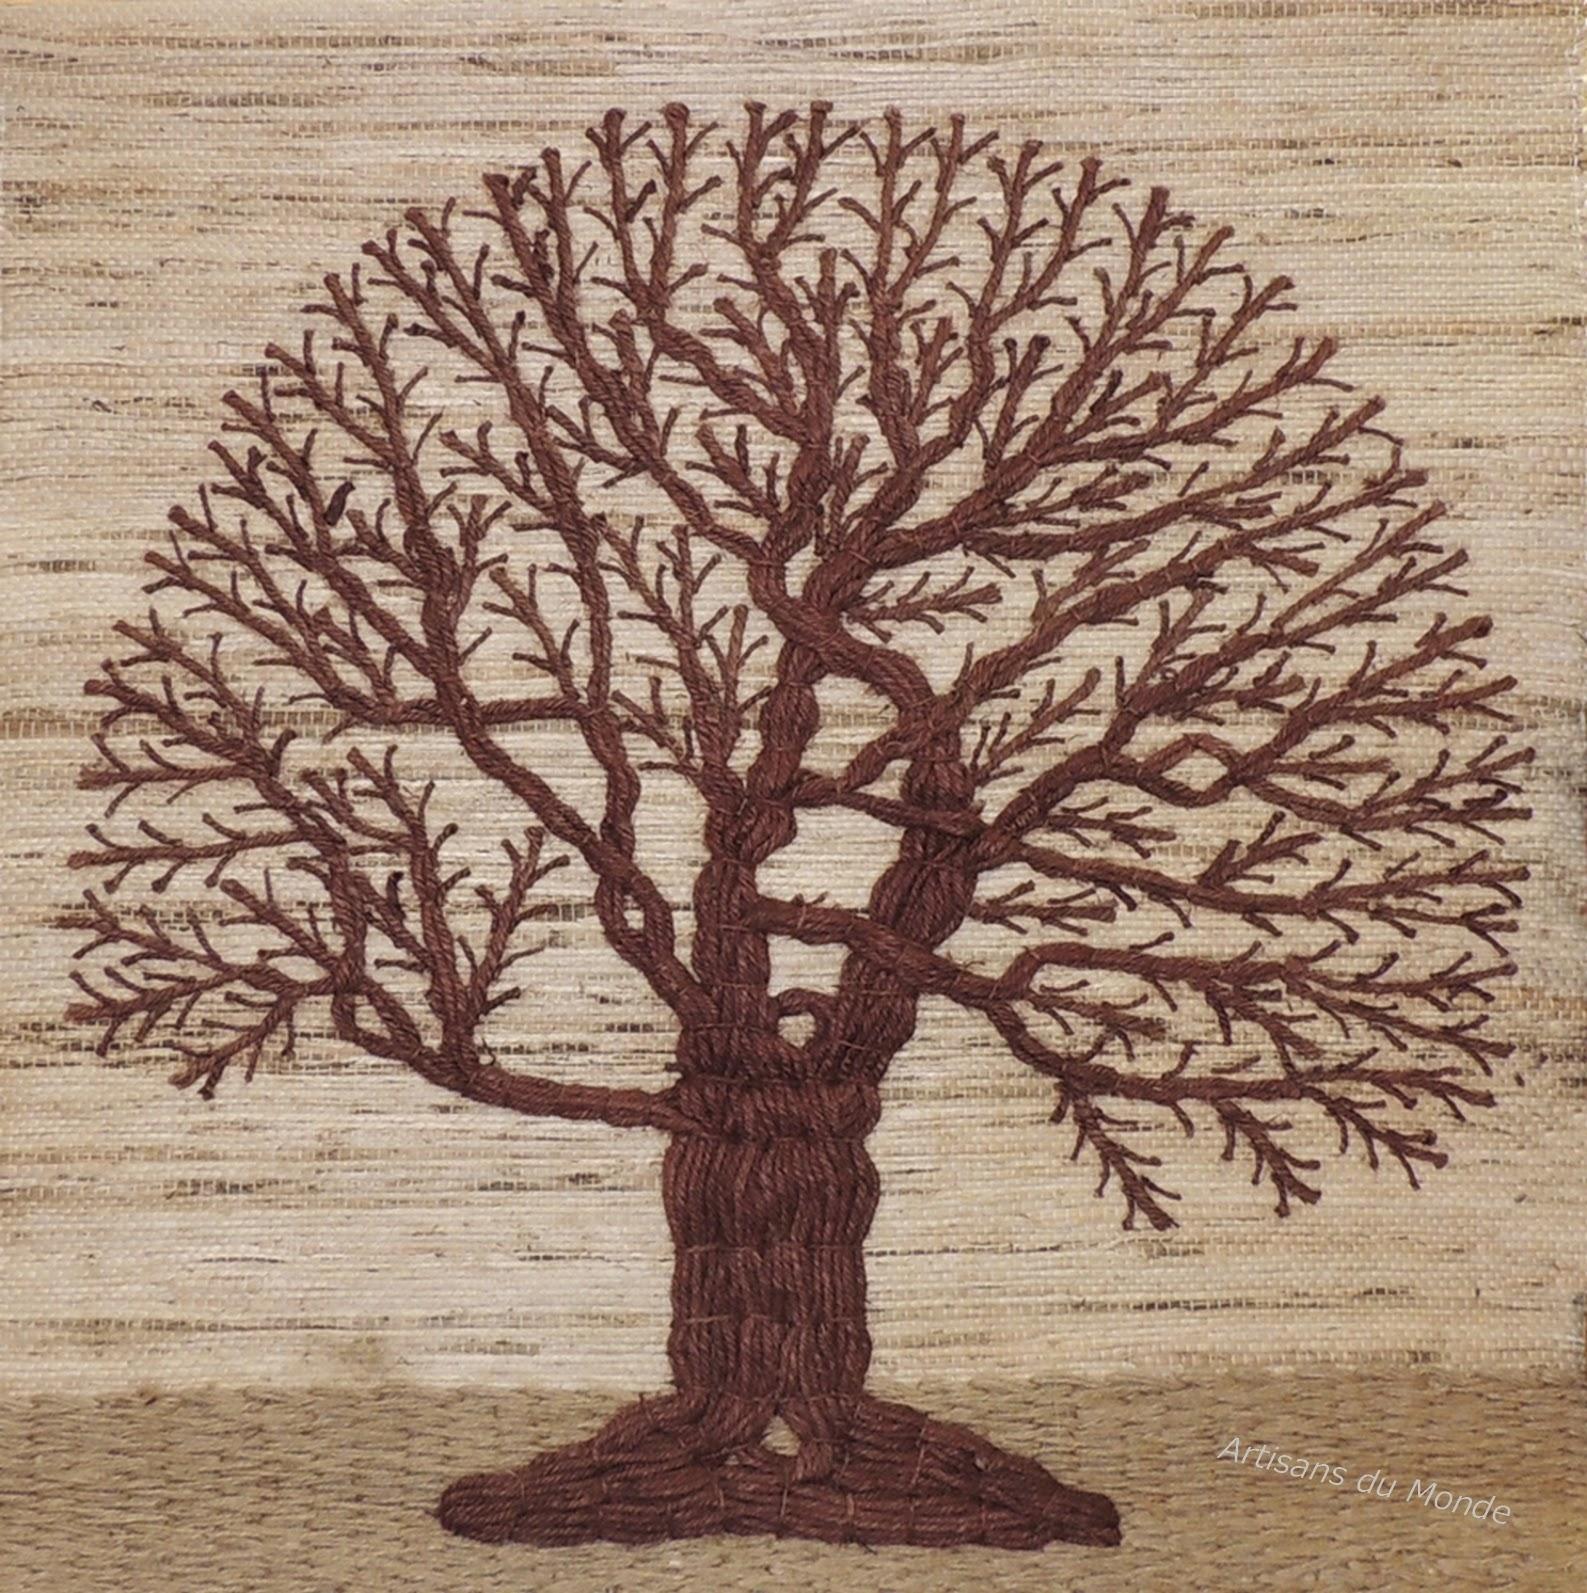 artisans du monde arbre de vie. Black Bedroom Furniture Sets. Home Design Ideas